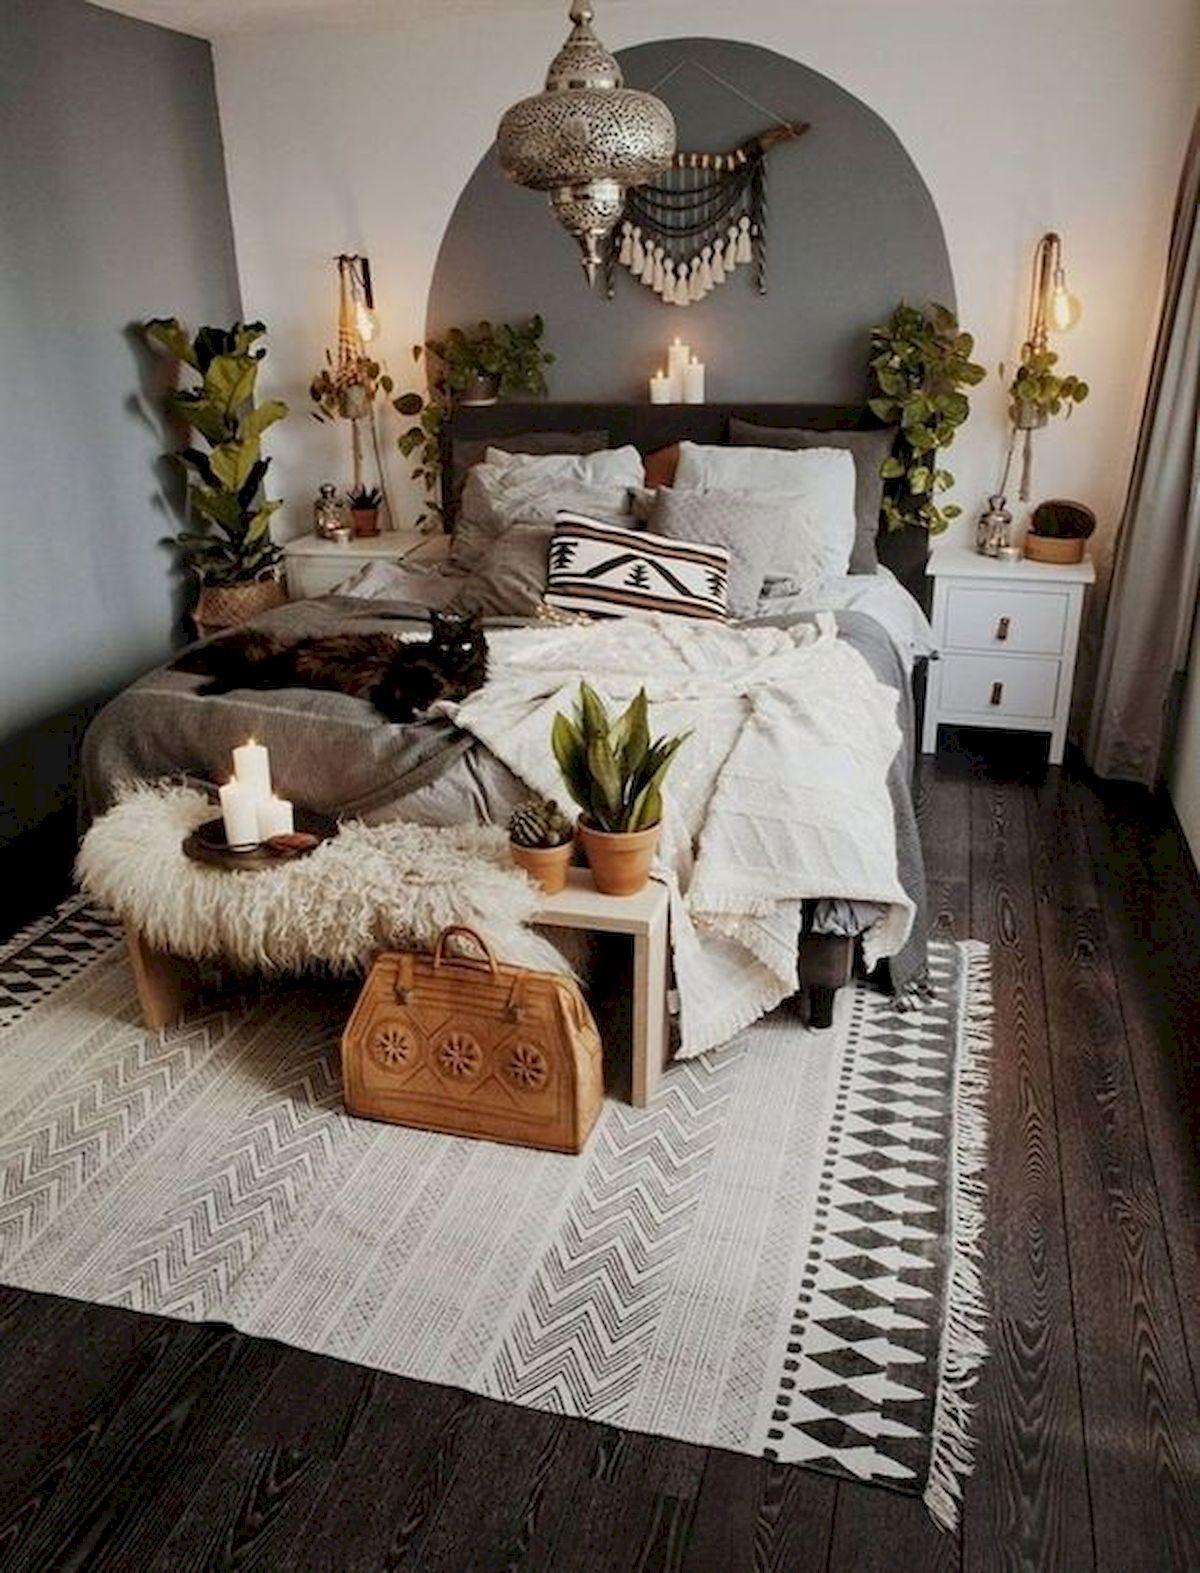 25 Best Bedroom Rug Ideas And Design – CoachDecor.com